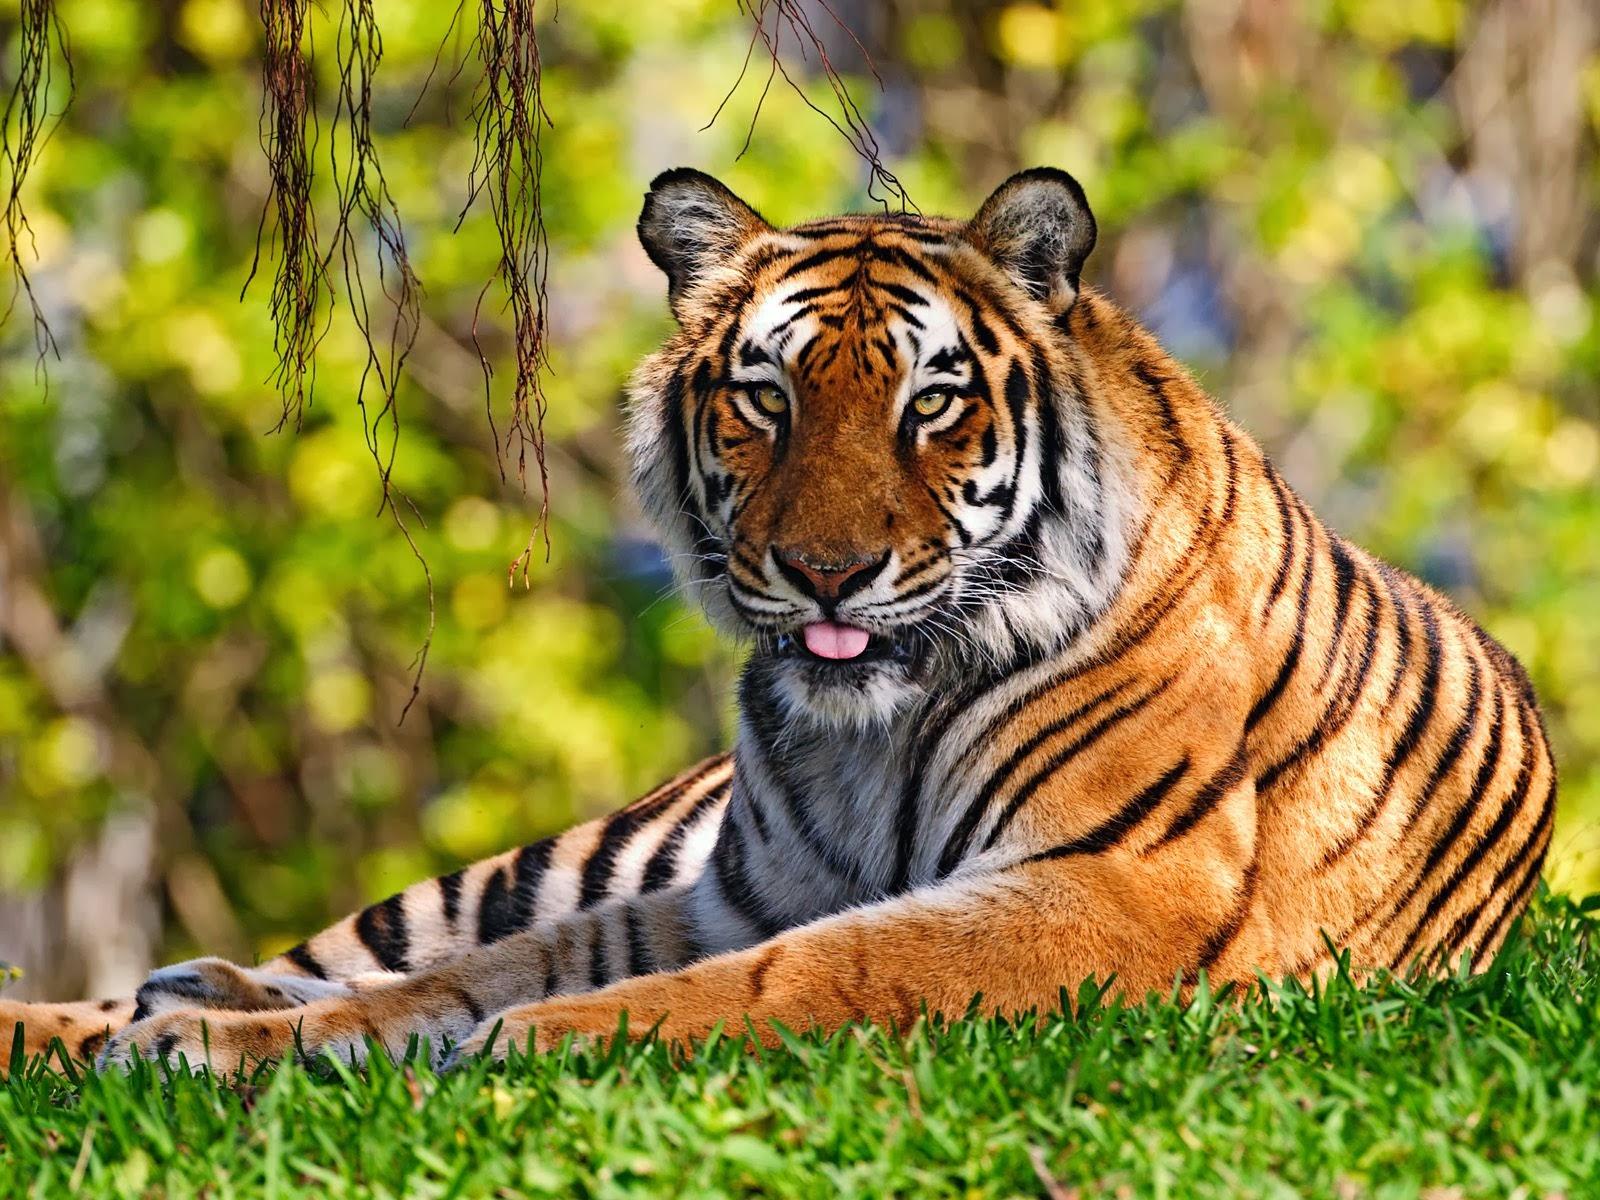 اجمل صور الحيوانات 2021 4